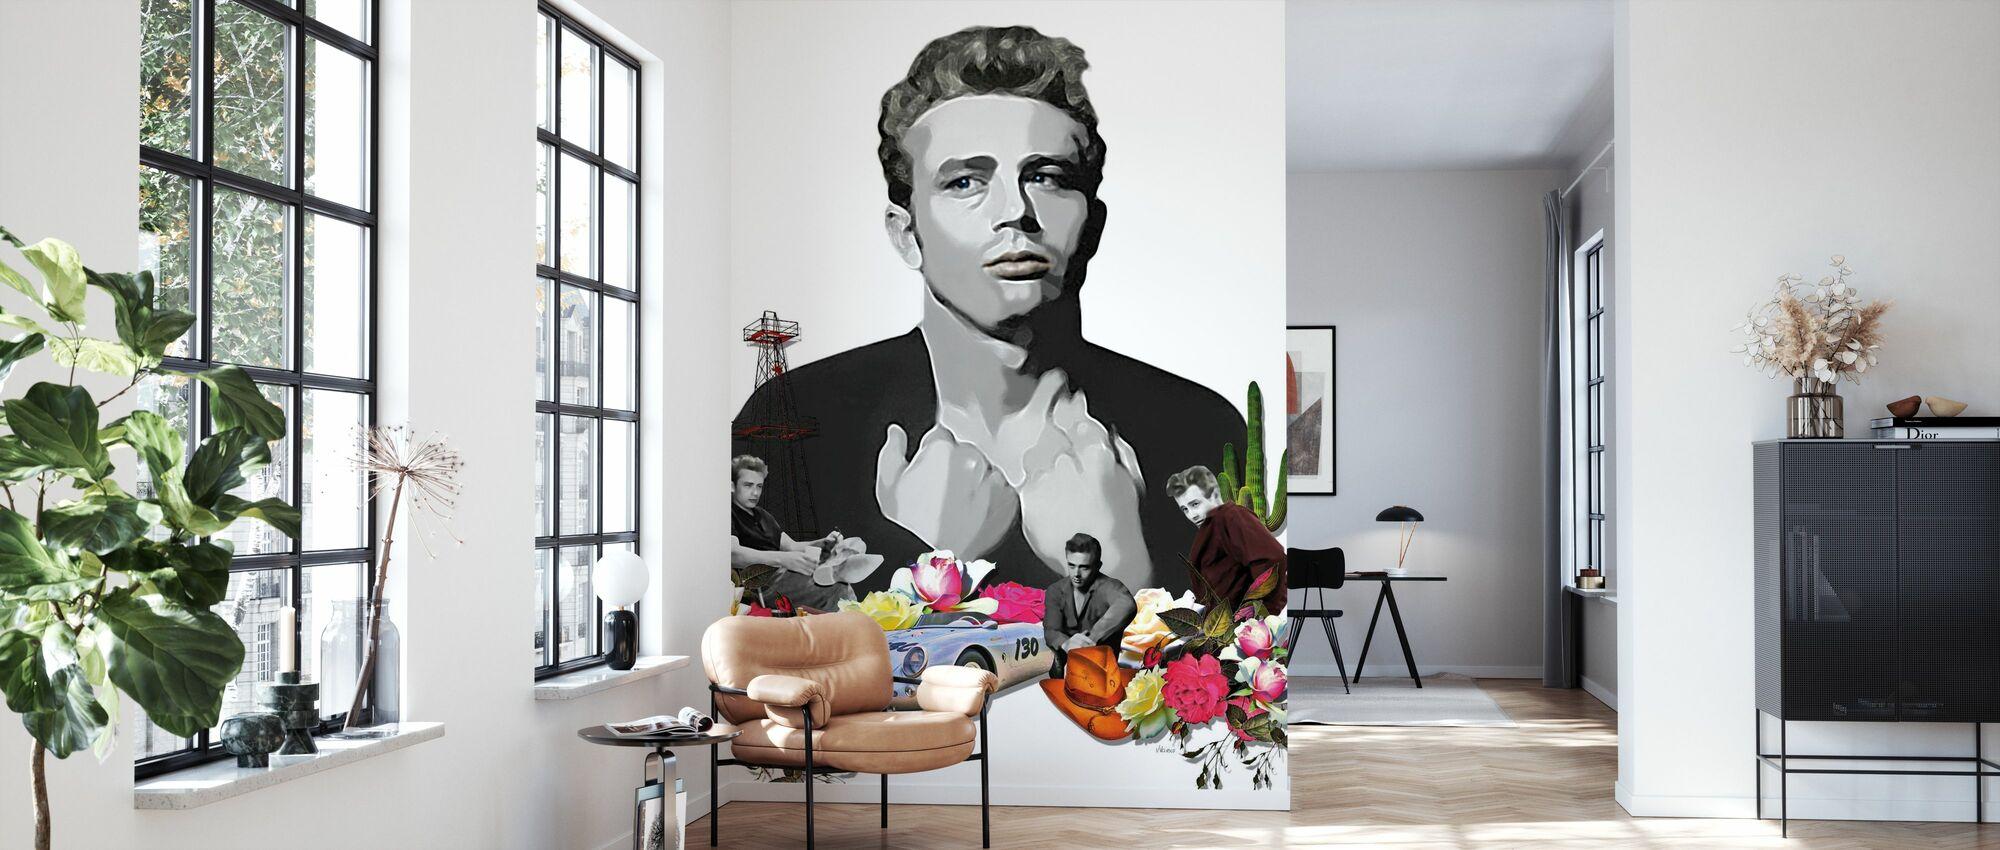 Dean - White - Wallpaper - Living Room